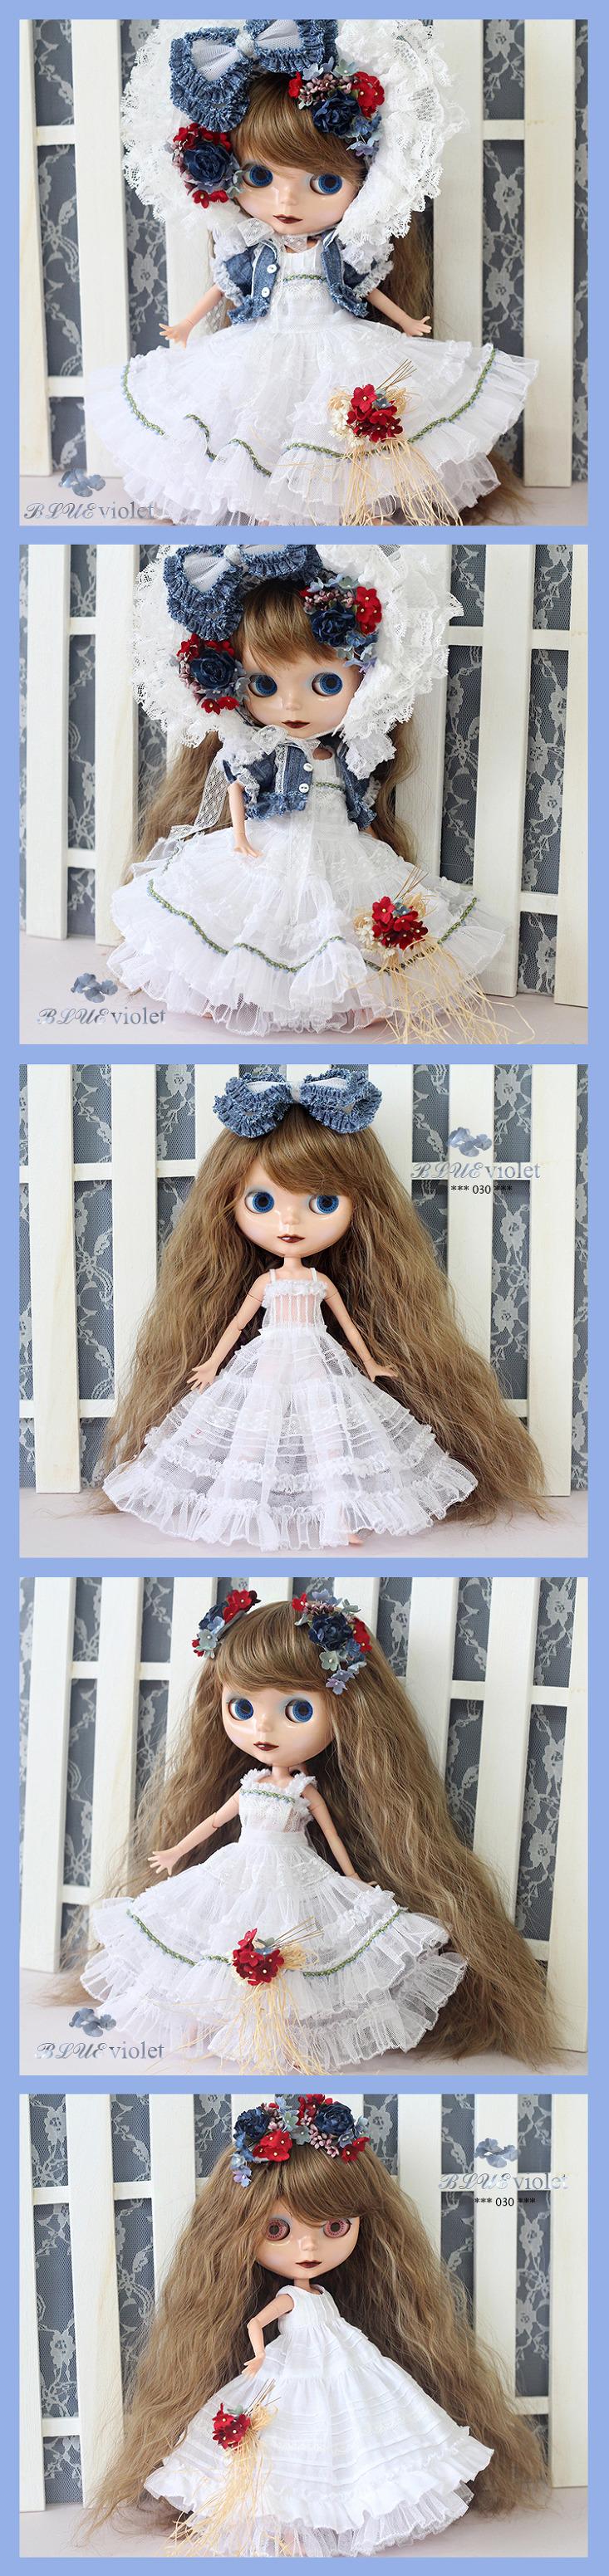 **BLUEVIOLET** BLYTHE dress set No.030** - ヤフオク!